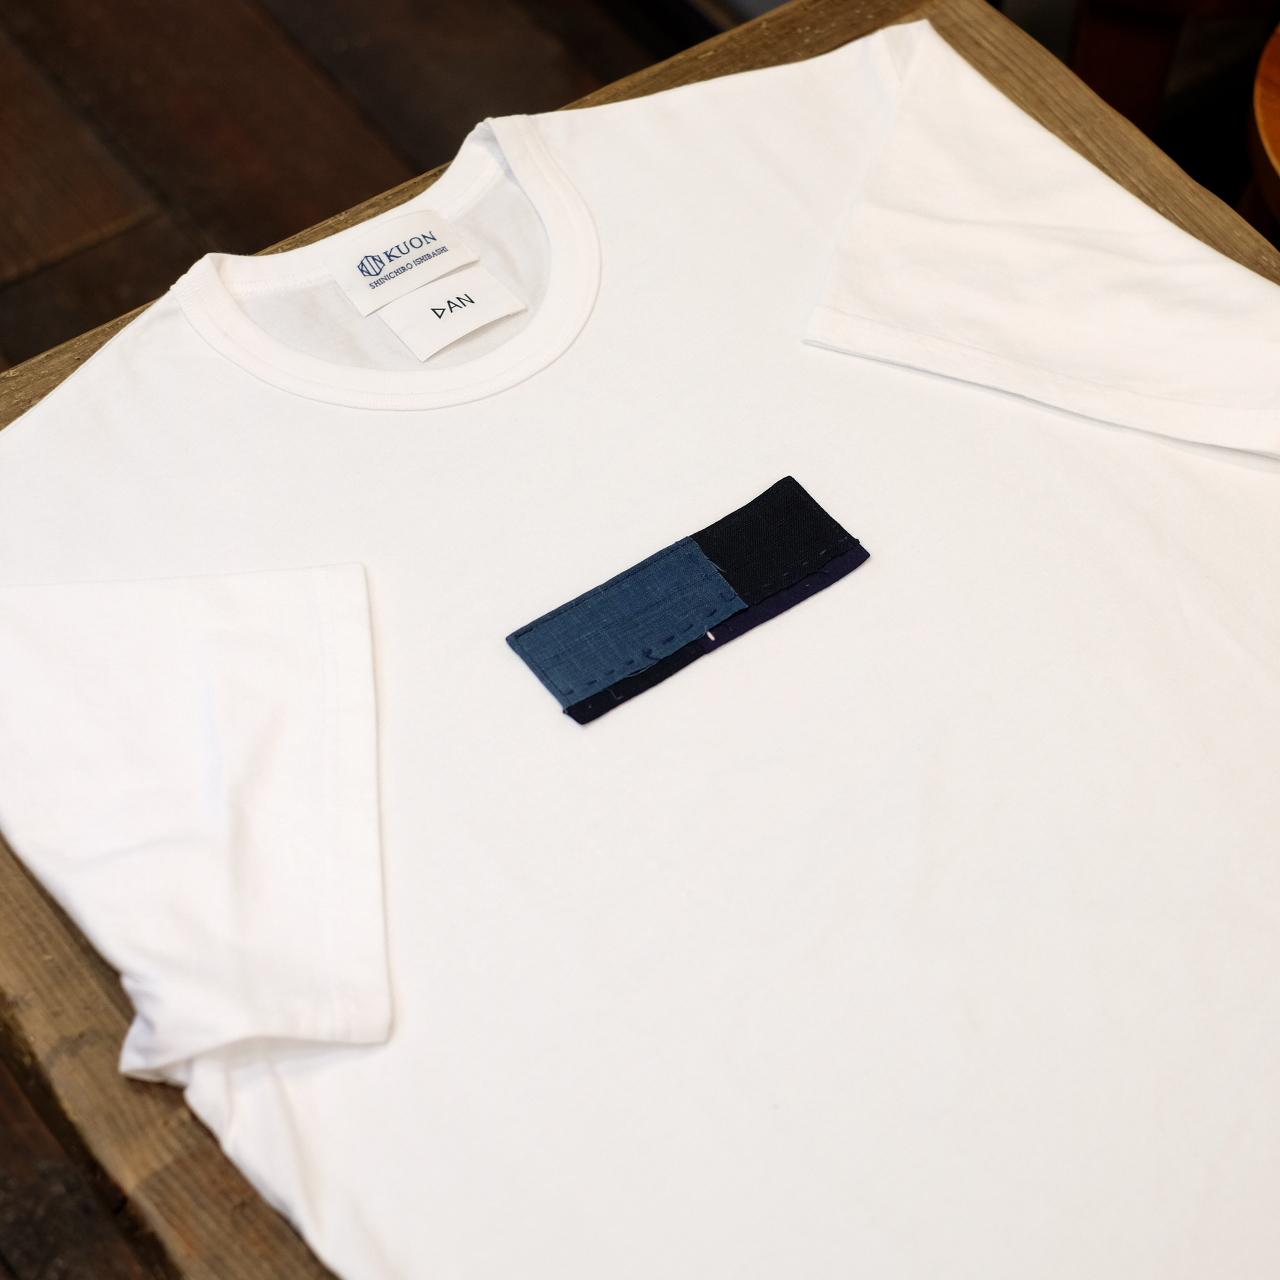 Sサイズ KUON(クオン)×DAN アップサイクル襤褸・胸パッチ半袖Tシャツ